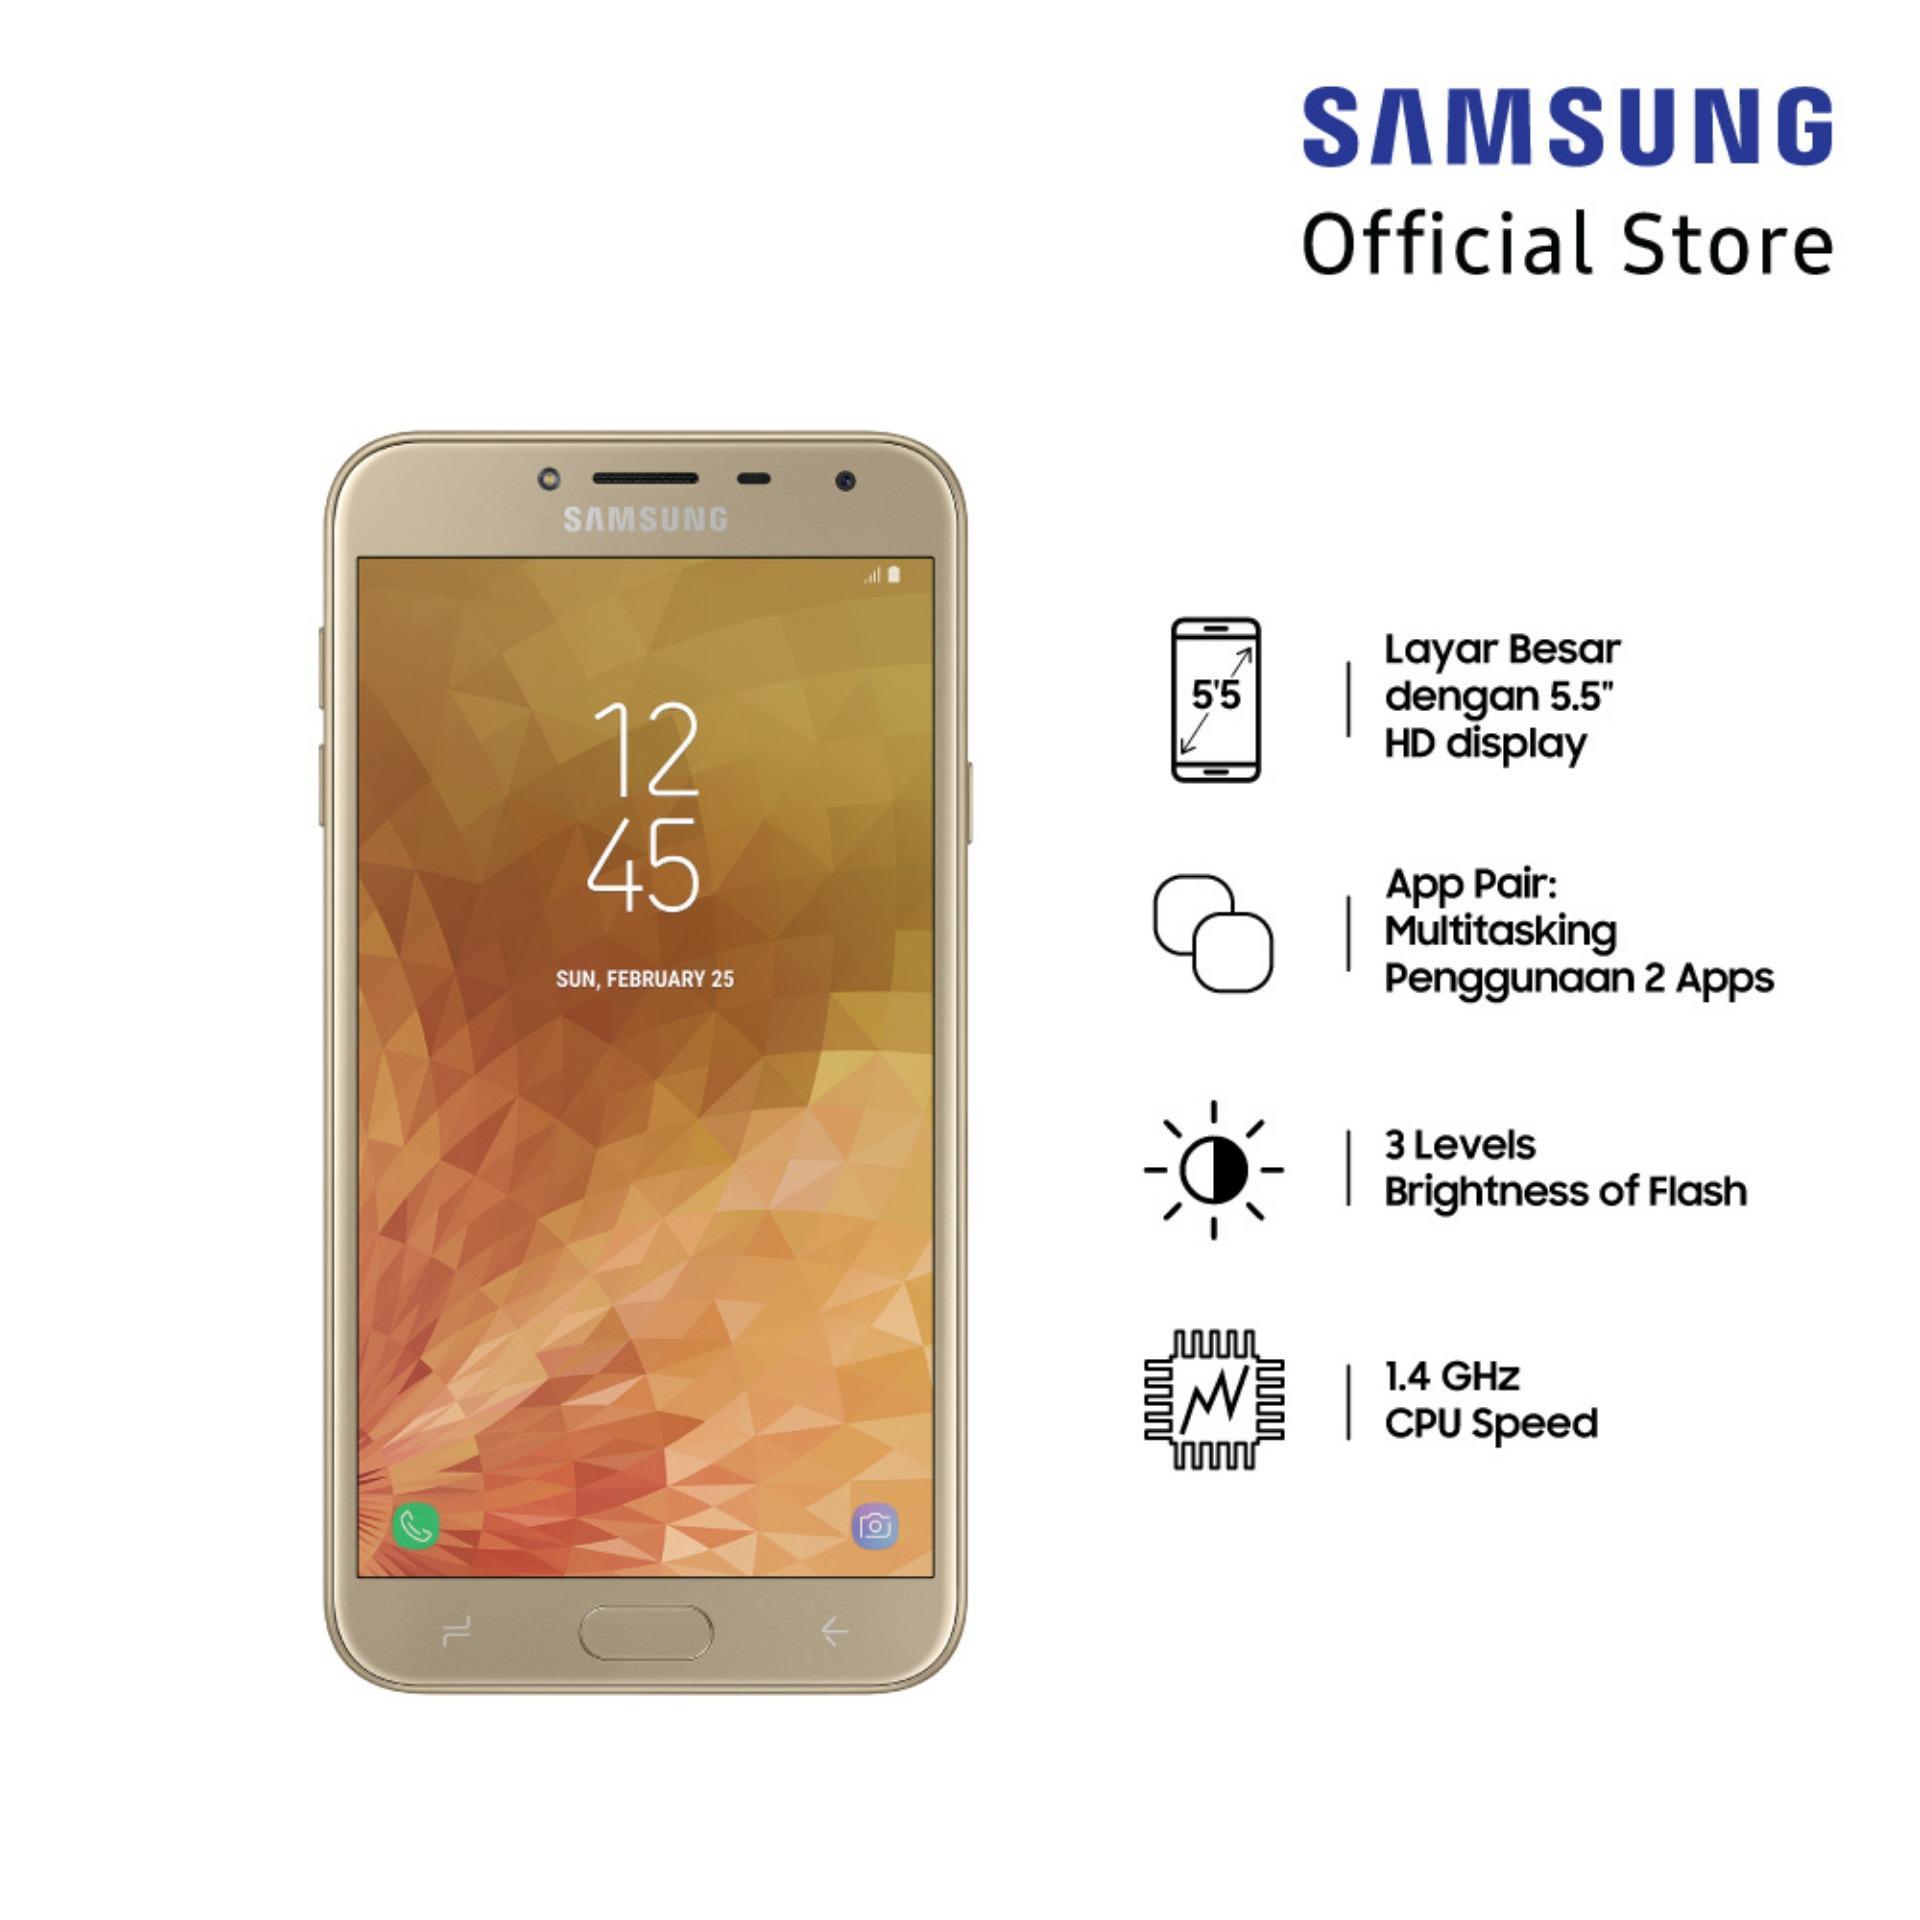 Samsung Galaxy J4 SM-J400F - Gold 2/32 GB